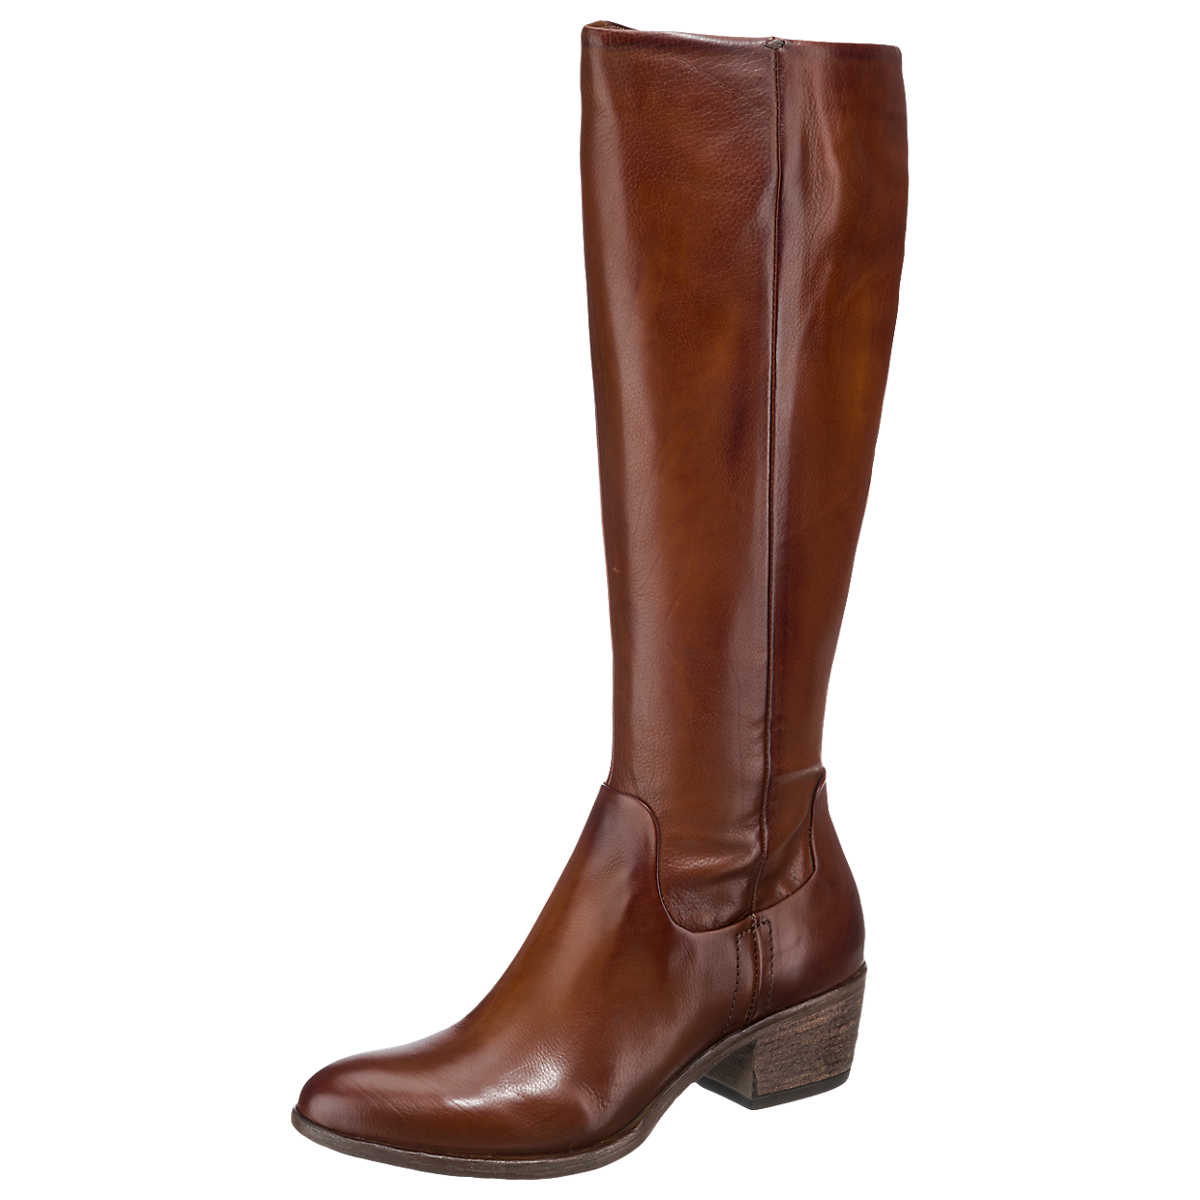 MJUS Dallas Stiefel cognac - MJUS - Stiefel - Schuhe - mirapodo.de